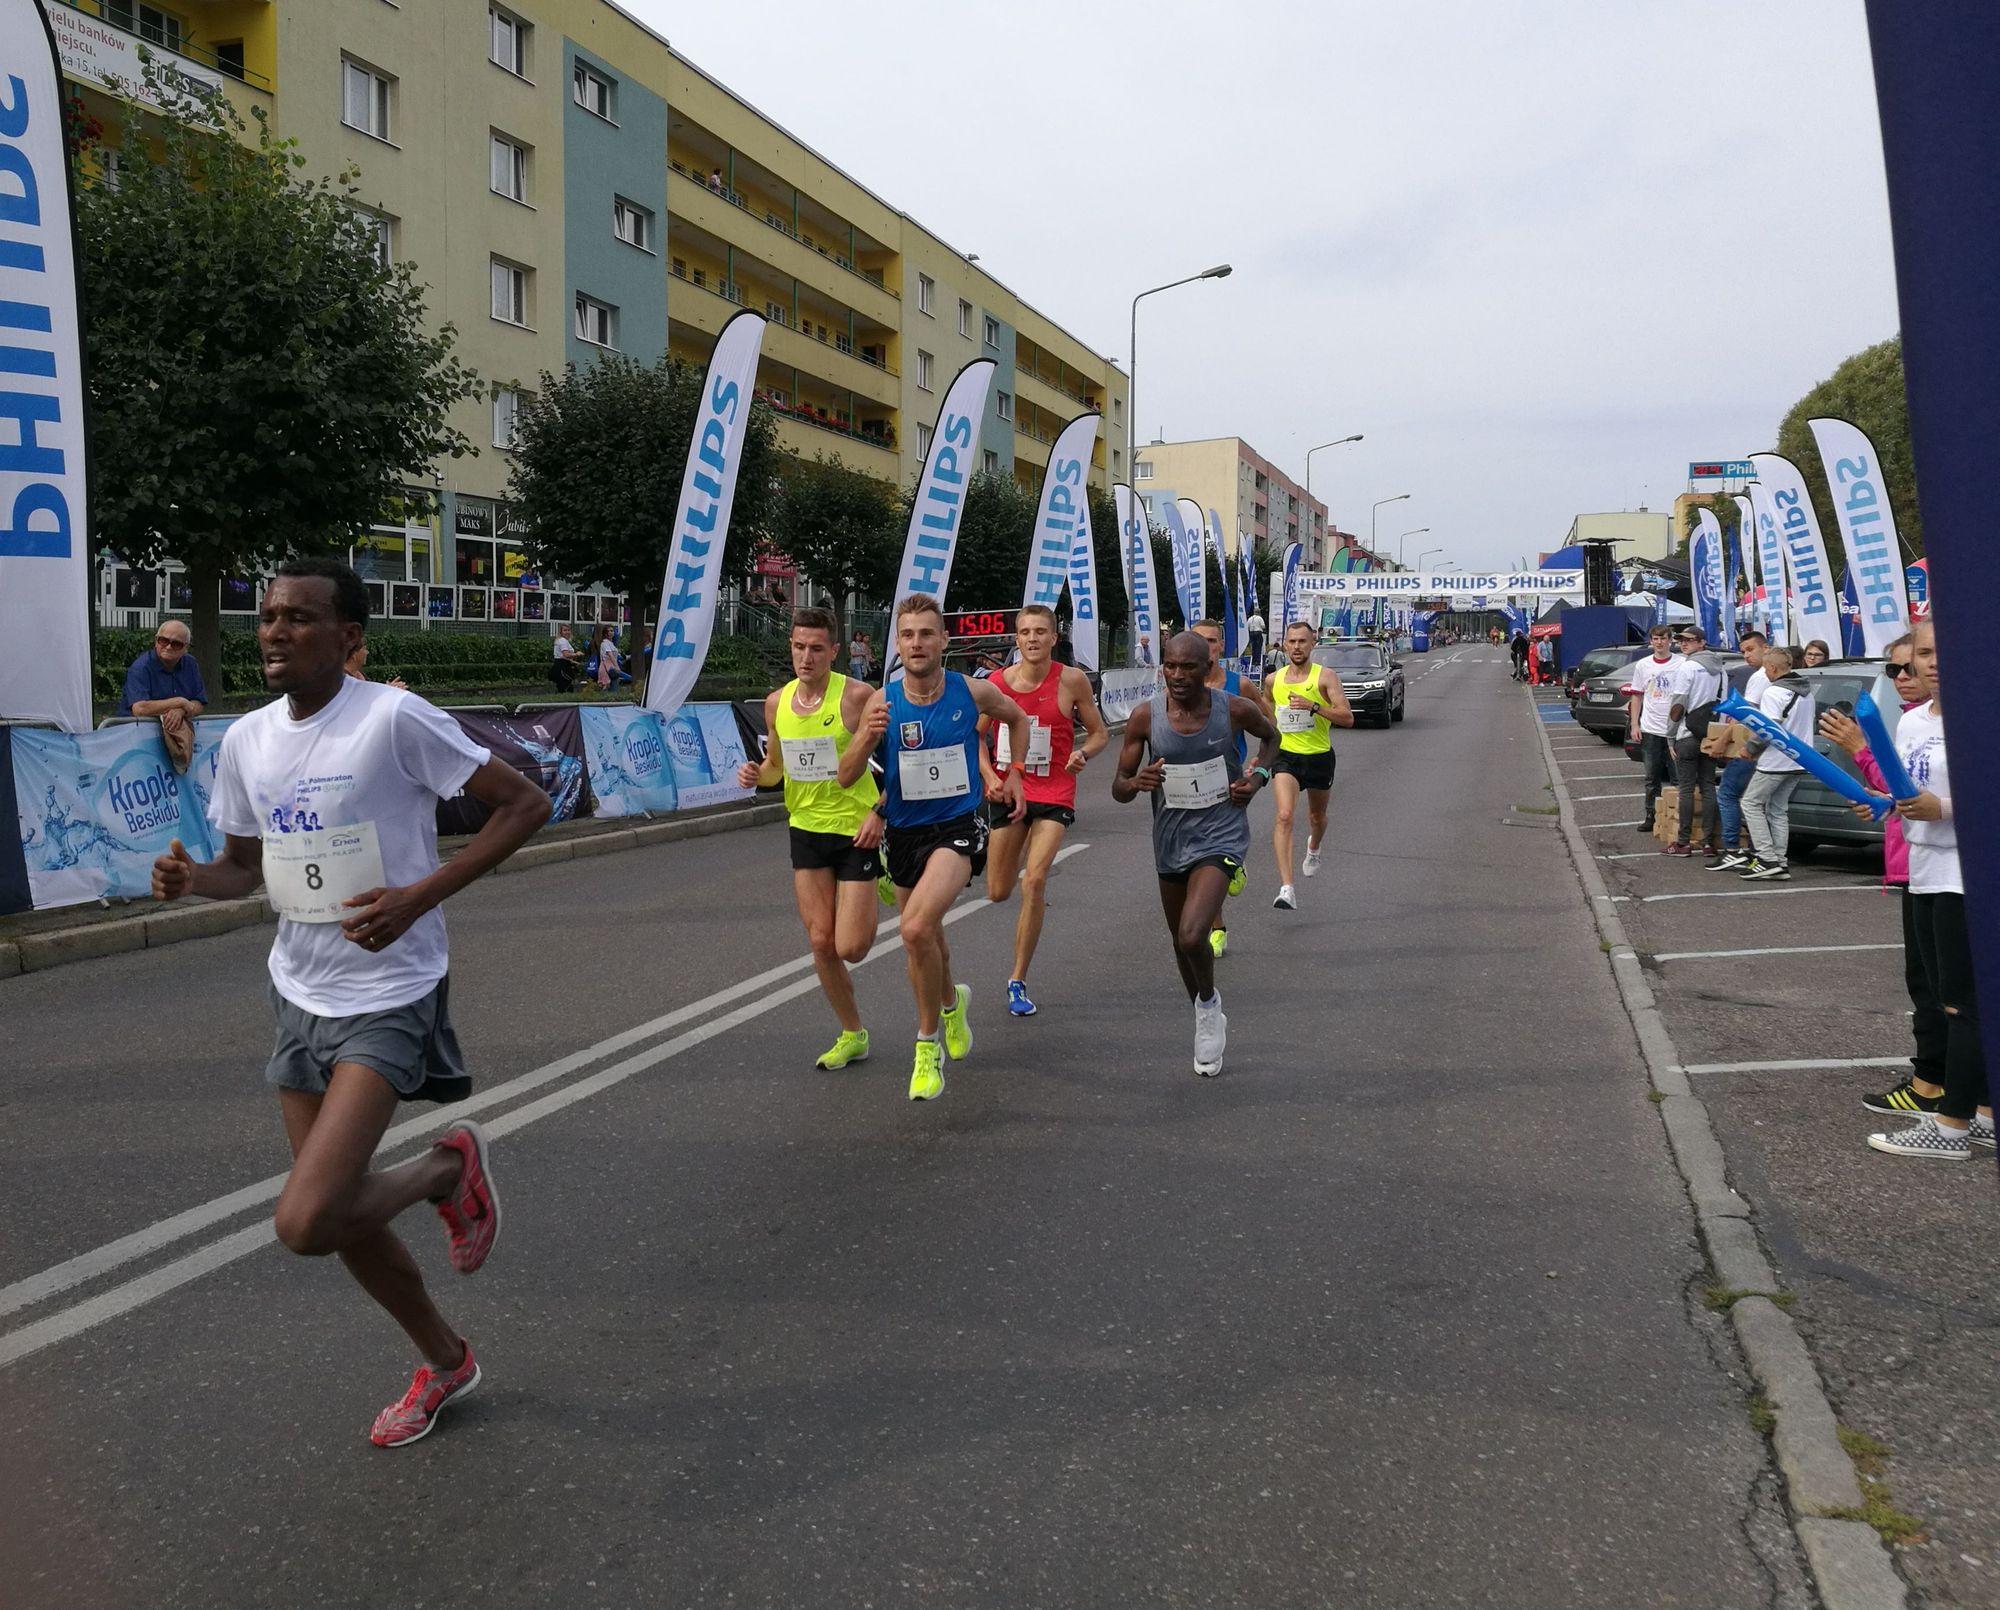 Relacja z 28. Półmaratonu PHILIPS Piła. Rekordowa frekwencja – 3851 osób na mecie!